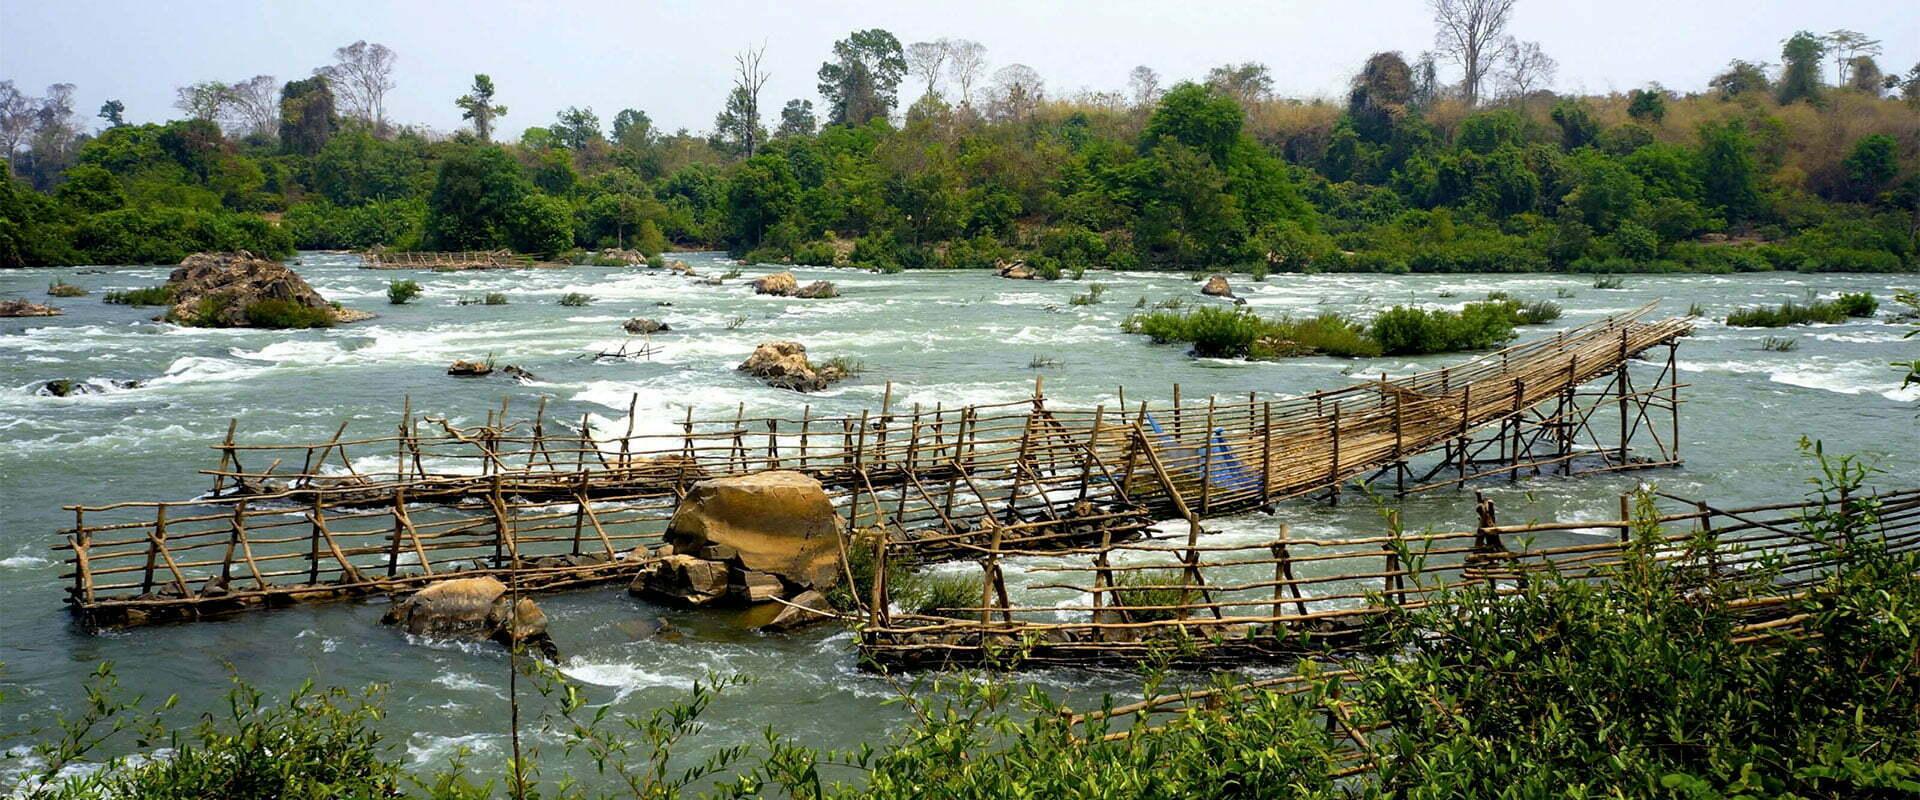 Rivière puissante et constructions en bois